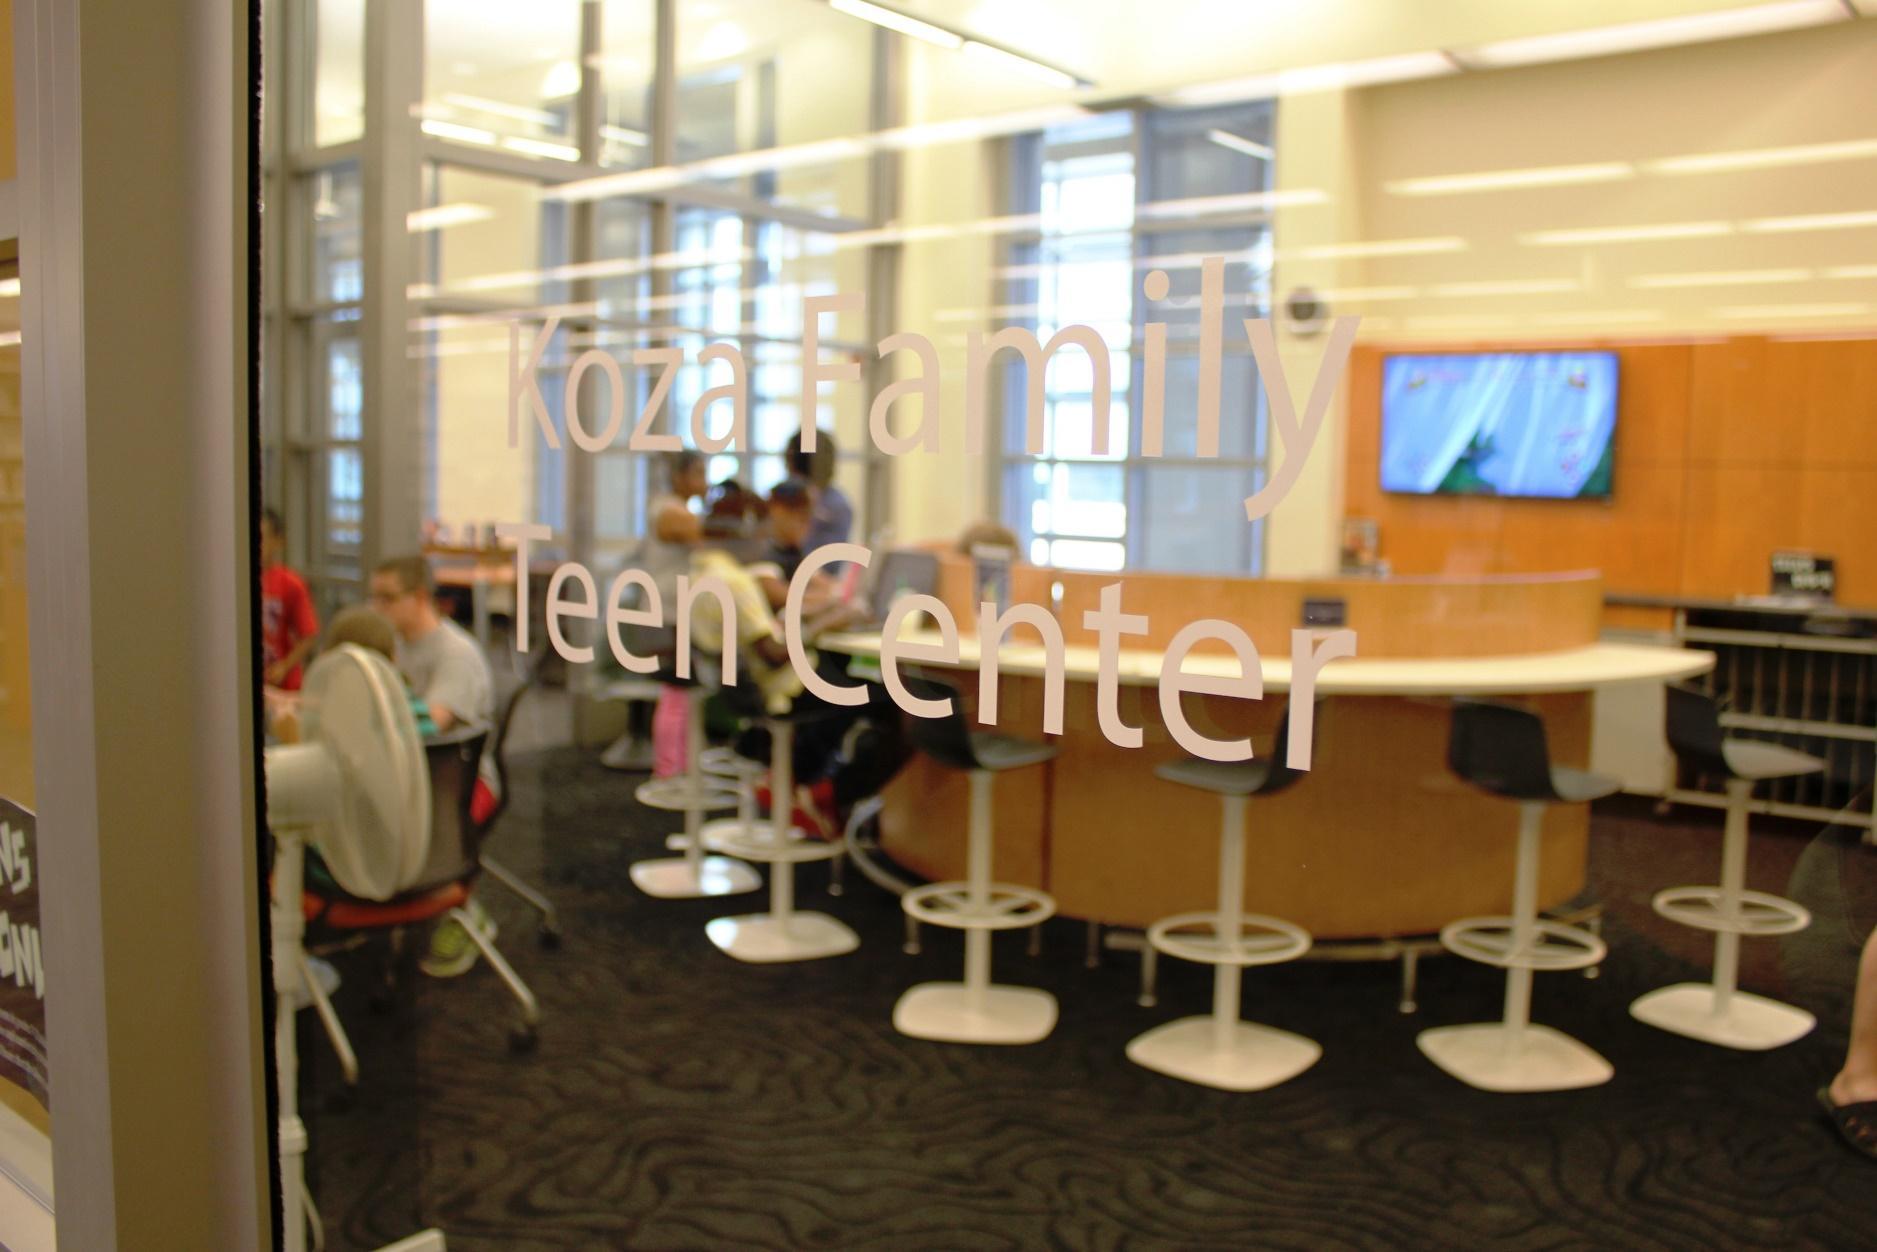 Teen Center June By 86